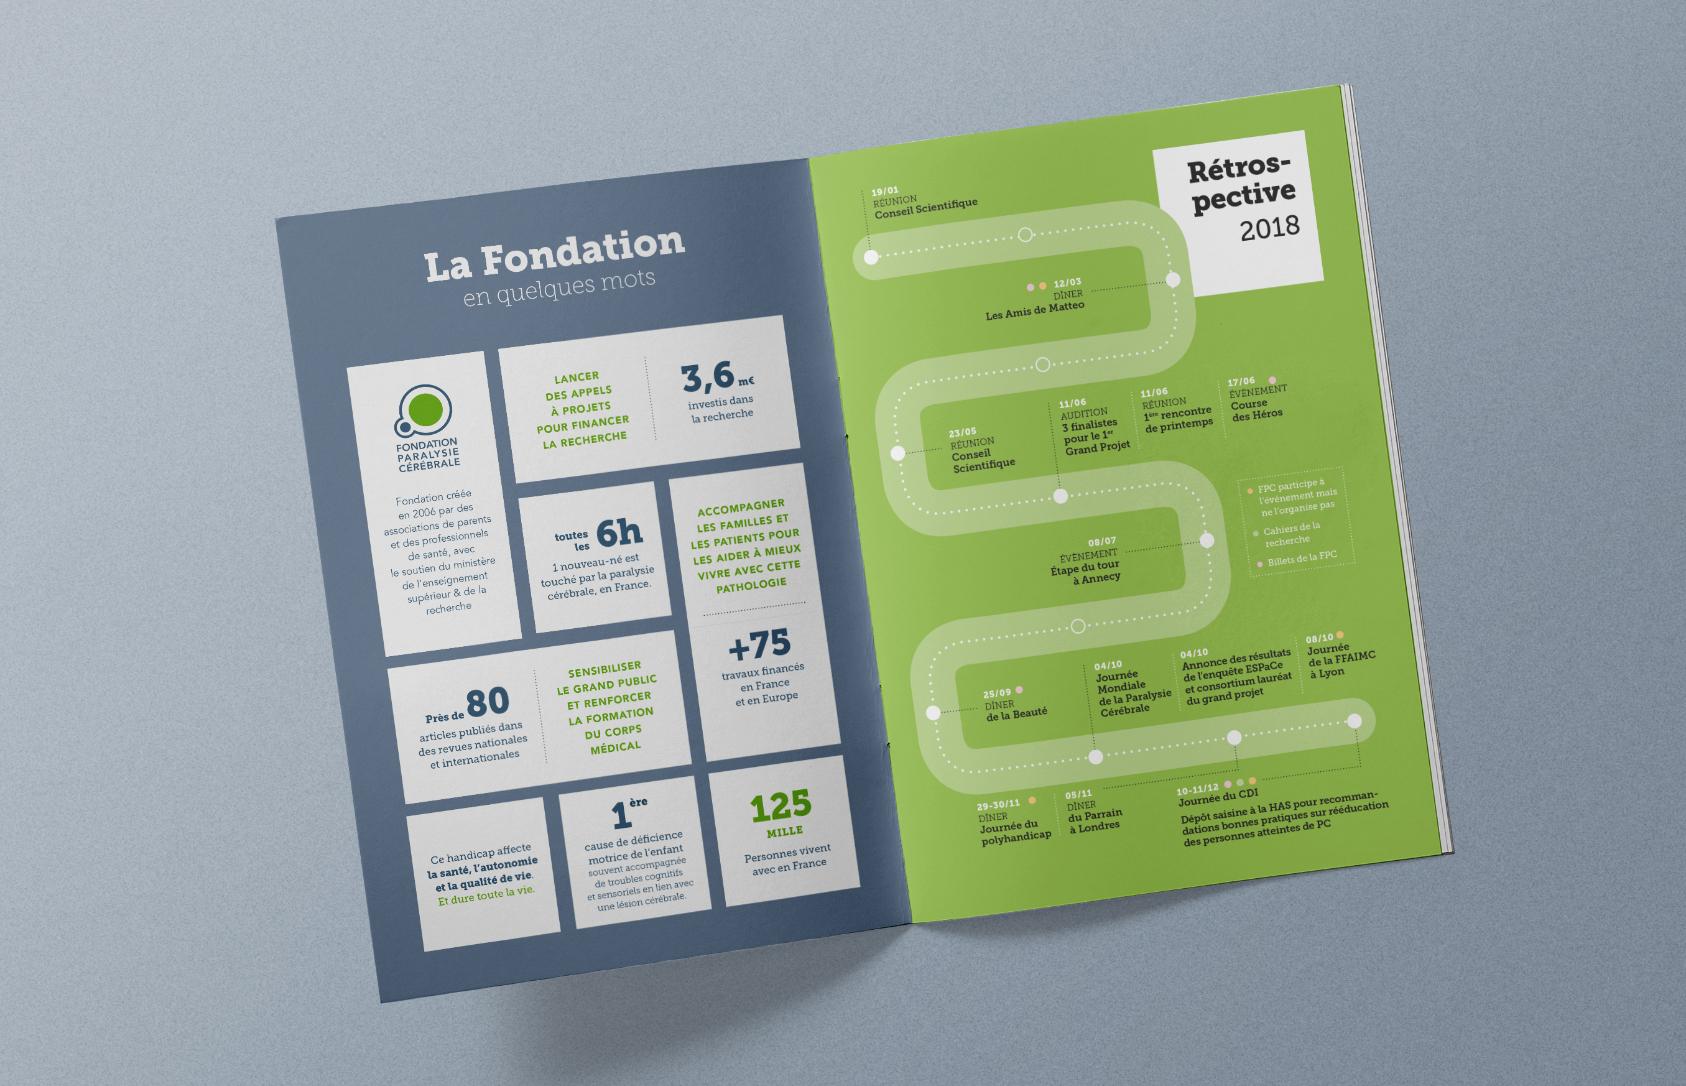 Rapport d'activité 2019 de la Fondation Paralysie cérébrale